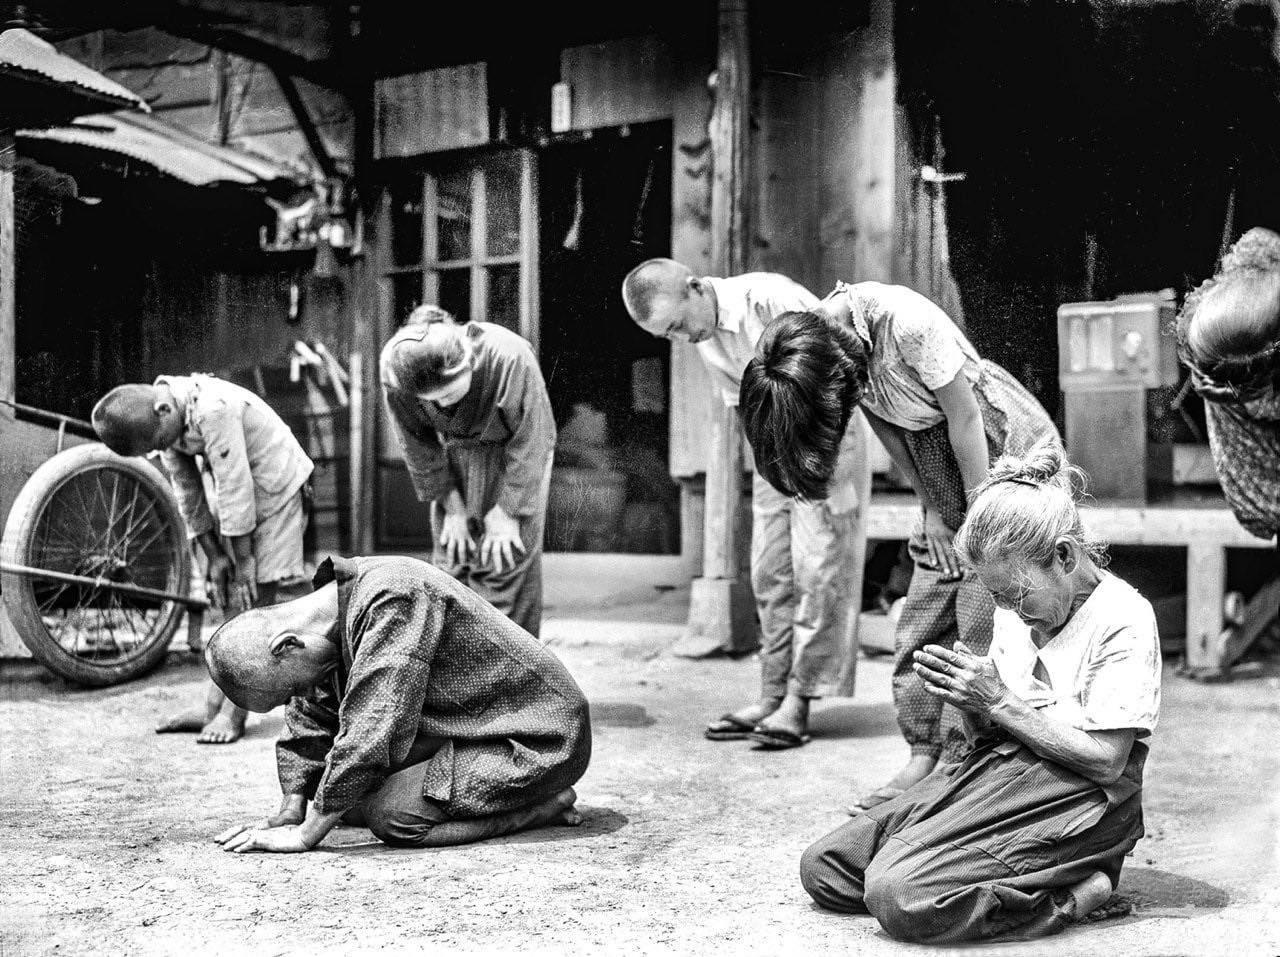 135645 - Военное фото 1941-1945 г.г. Тихий океан.